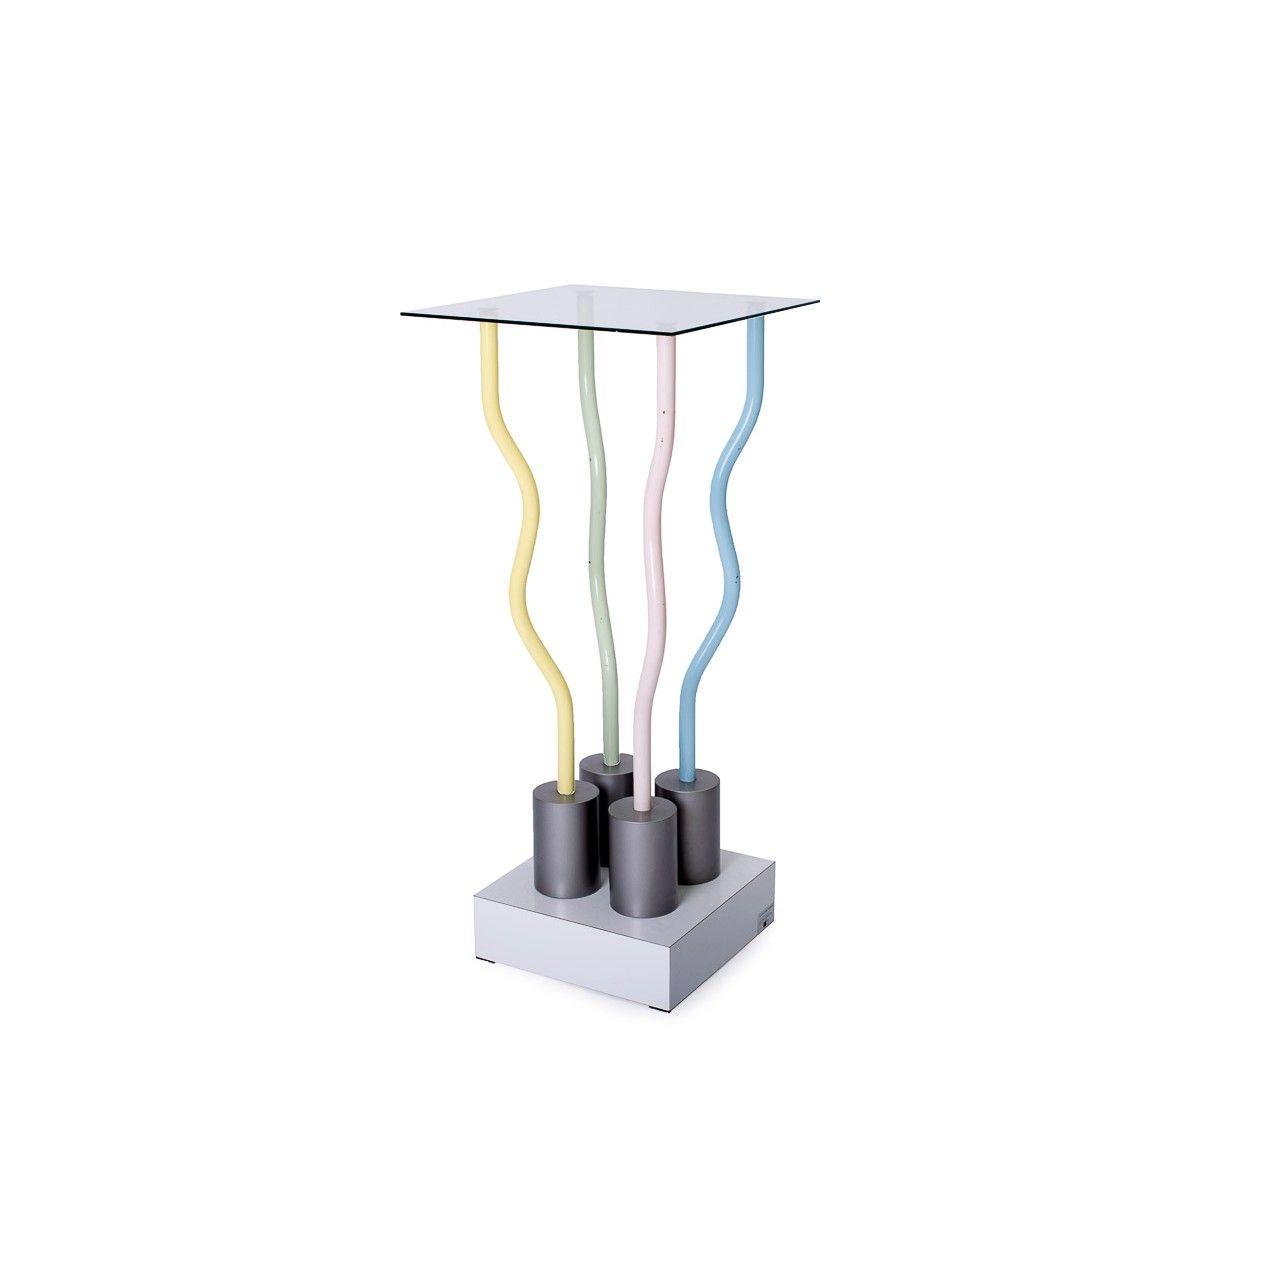 Tavolino console Le Strutture Tremano designer Ettore Sottsass produttore Belux paese Svizzera 1979 colore fantasia in metallo e vetro